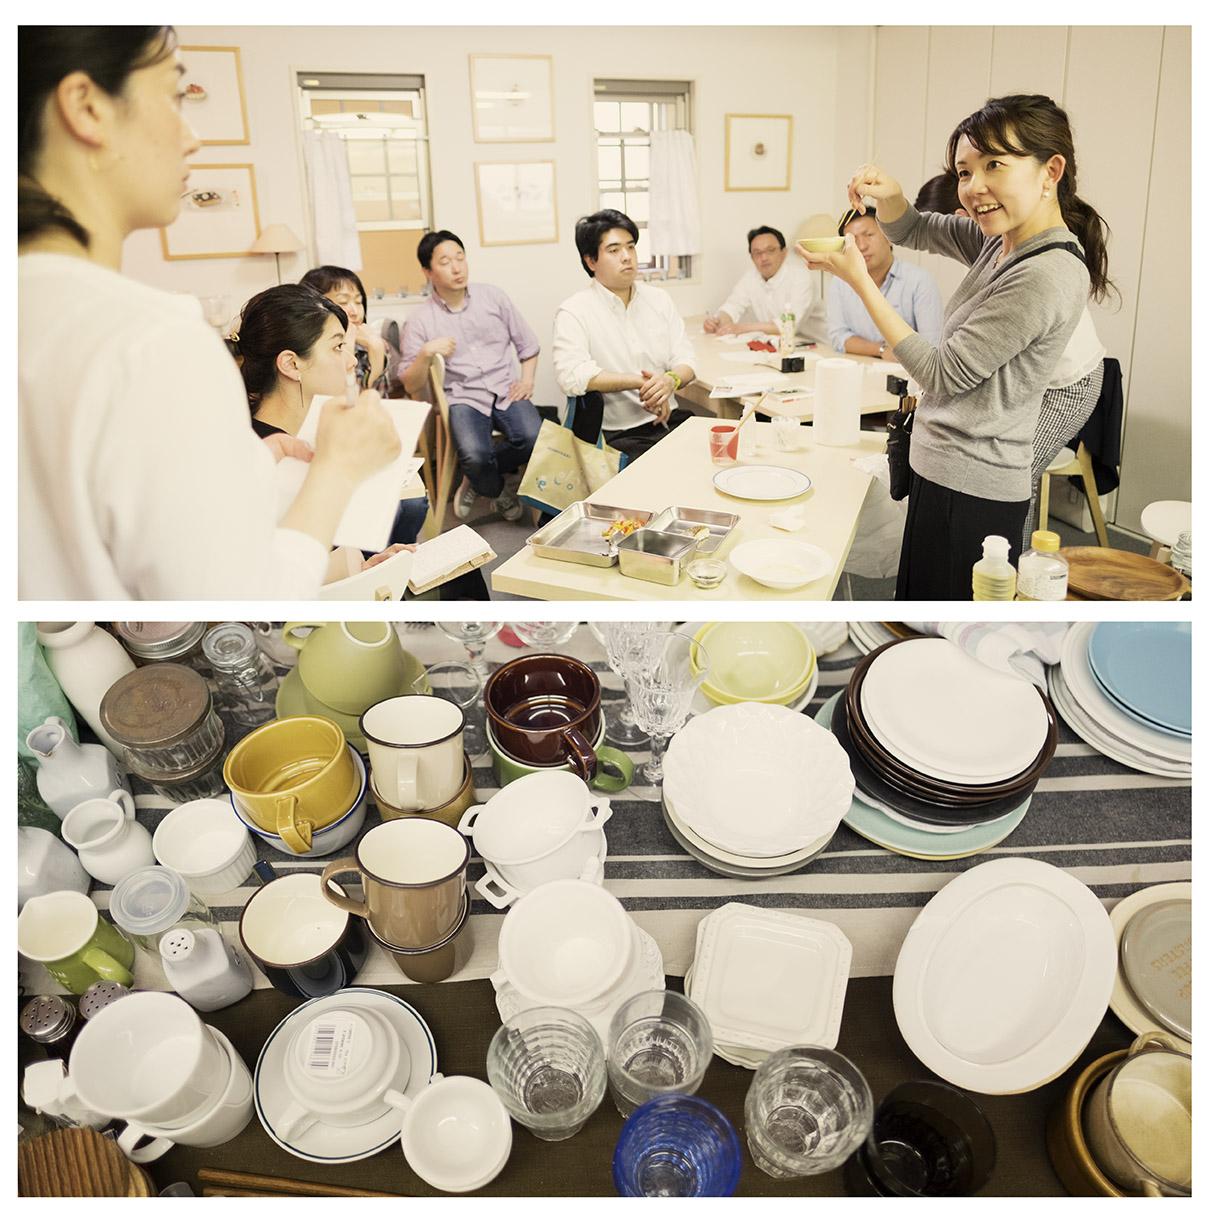 小坂さんのスタイリング教室は毎回満席でフェリカスピコの1番人気。